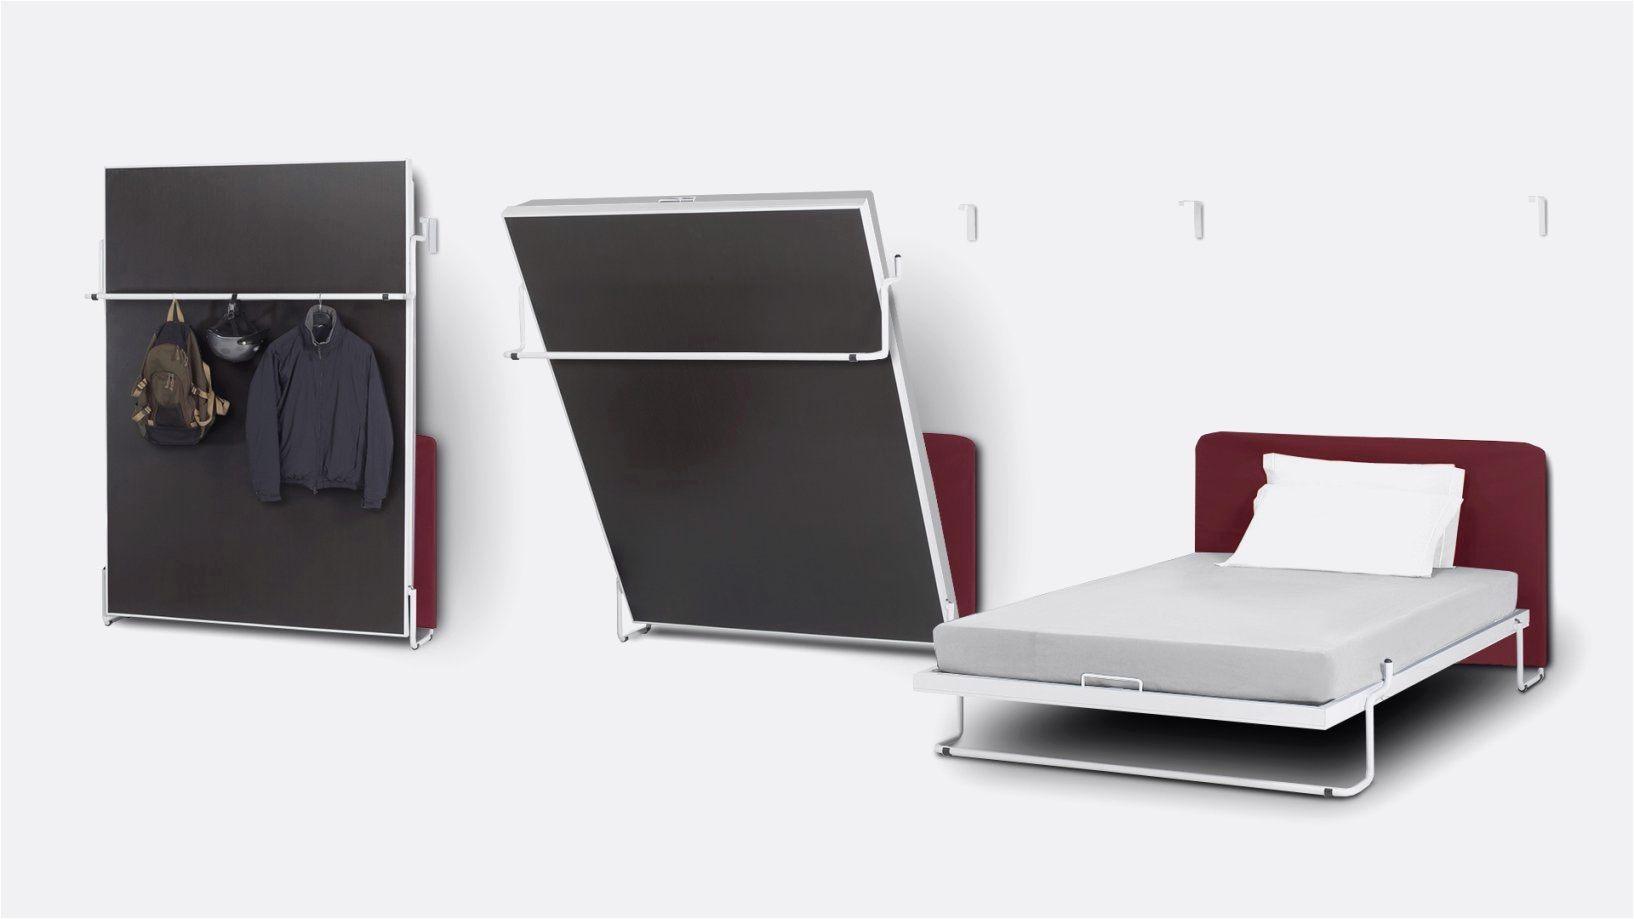 Lit Une Place Et Demi Ikea Inspirant Lit Rabattable Ikea Unique 26 Best Mécanisme De Lit Escamotable Lift